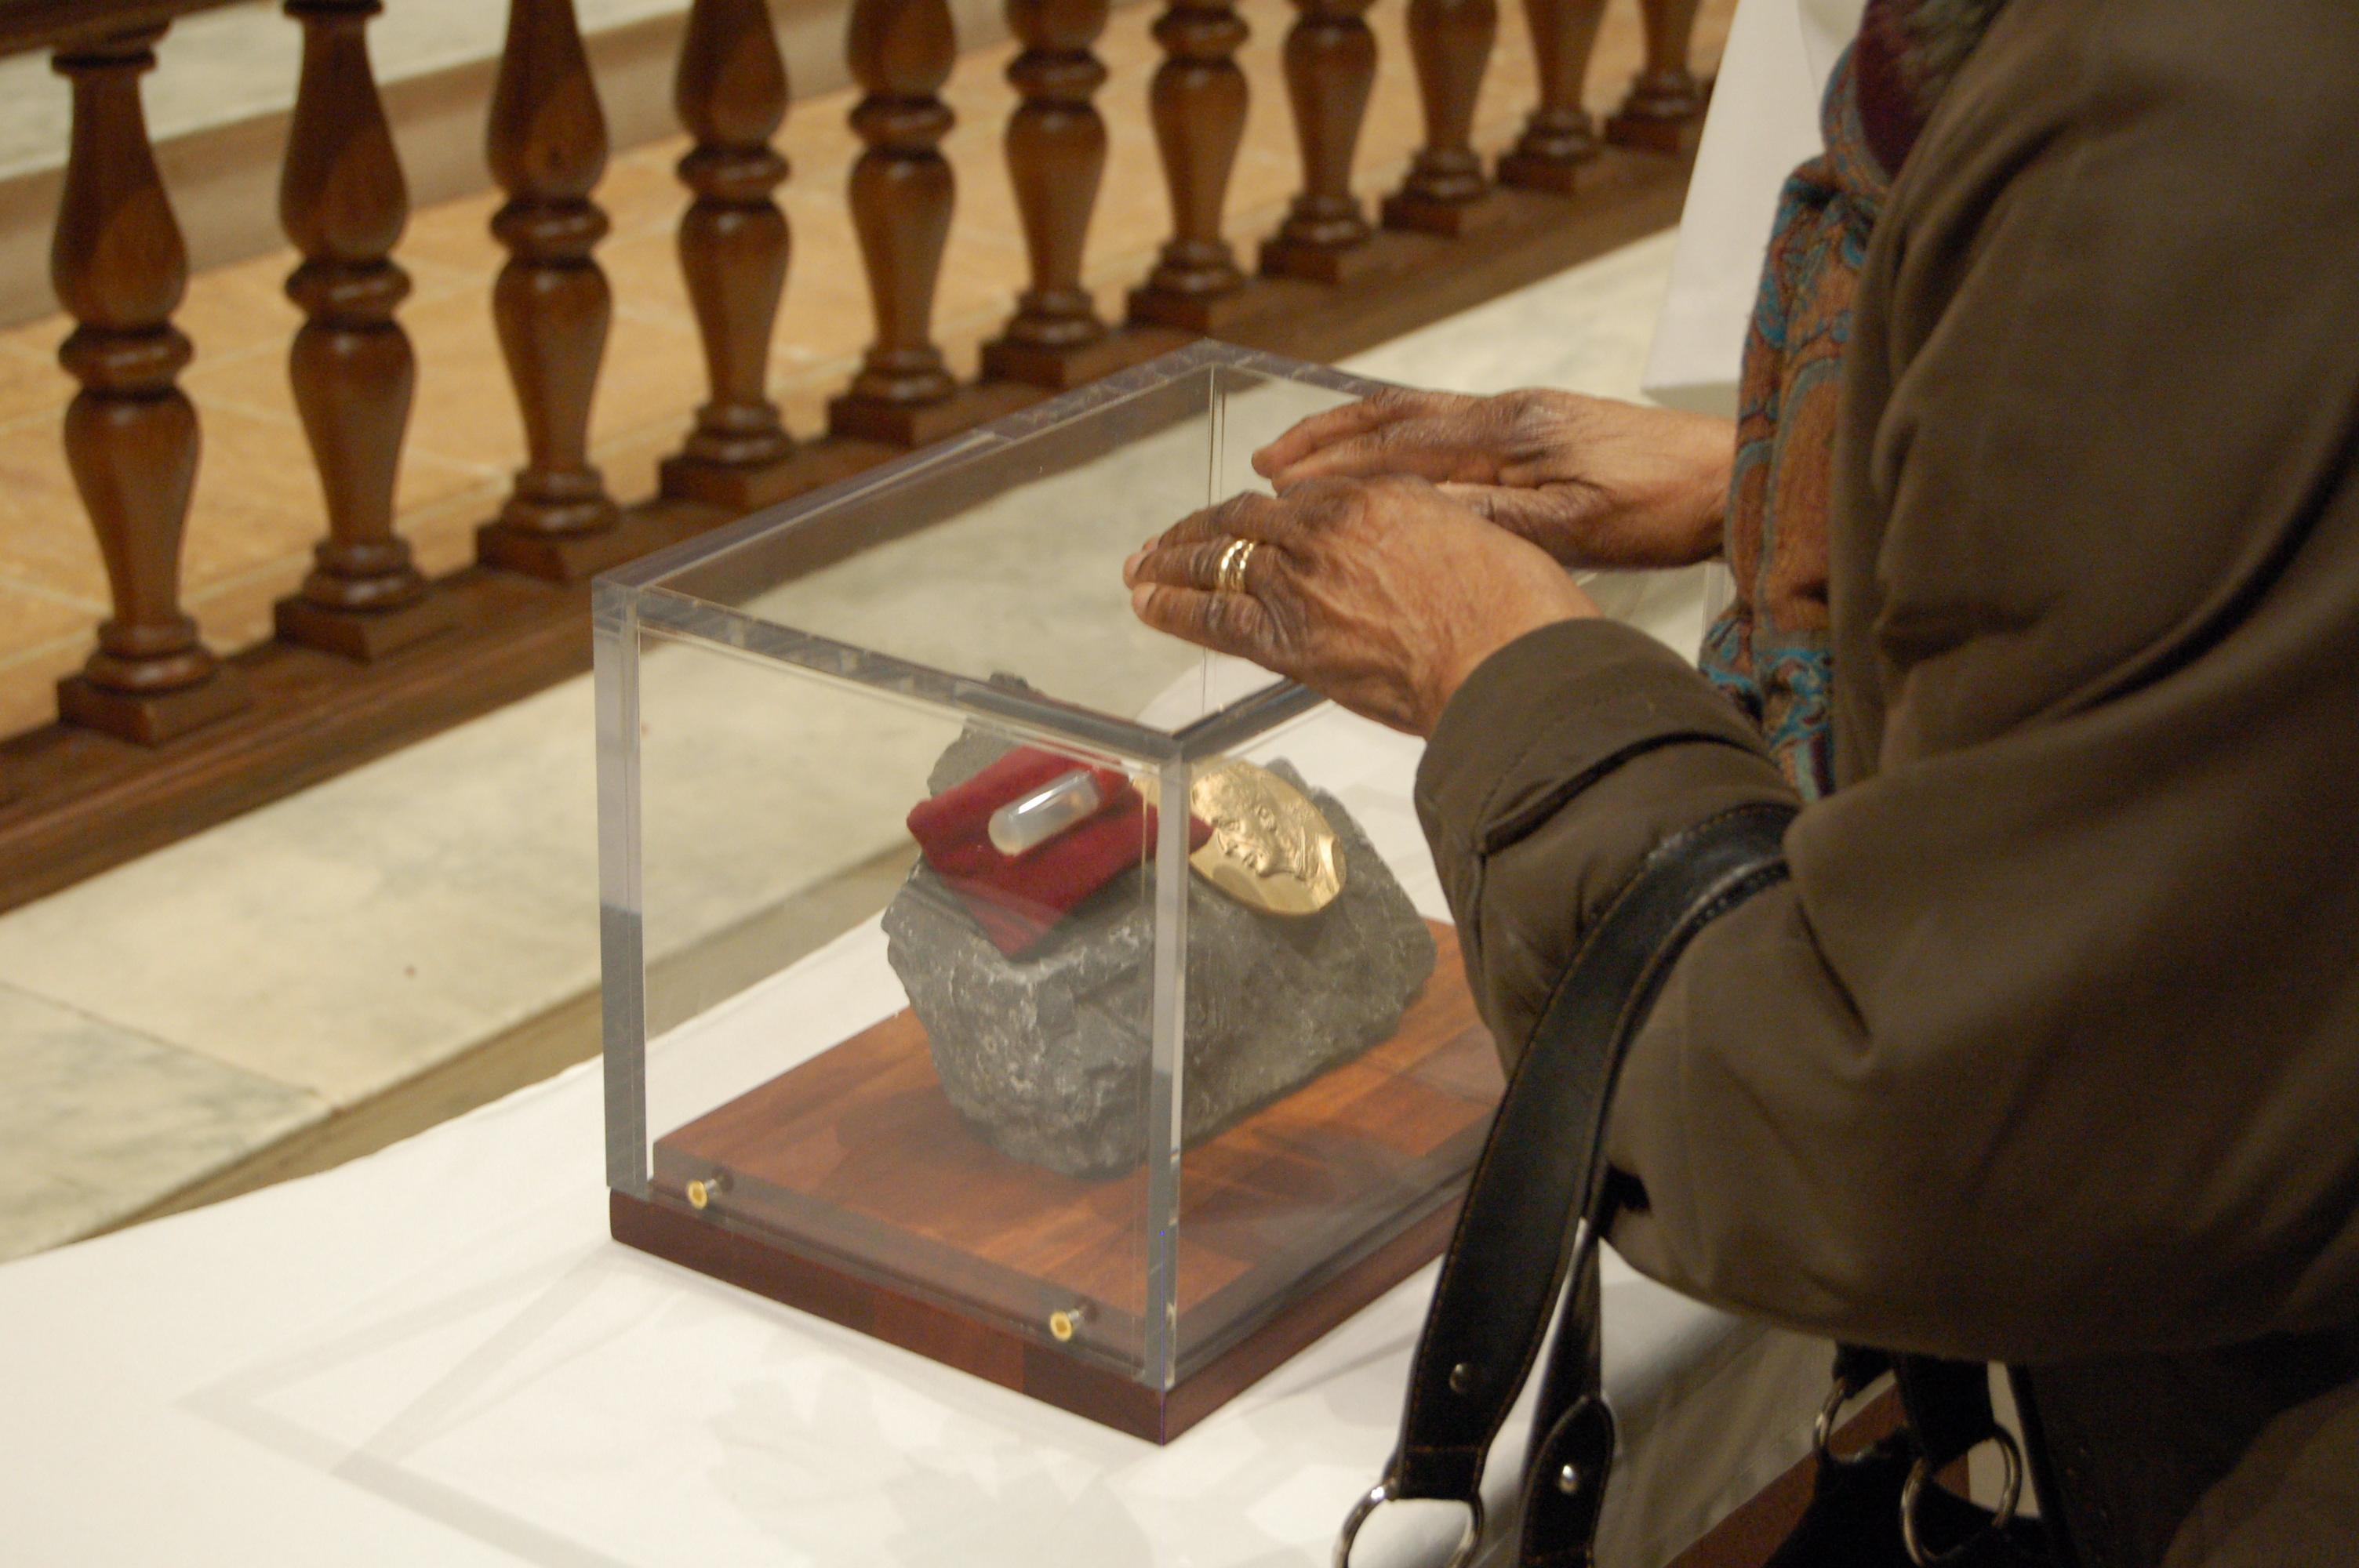 Grand reliquaire - Major Reliquary